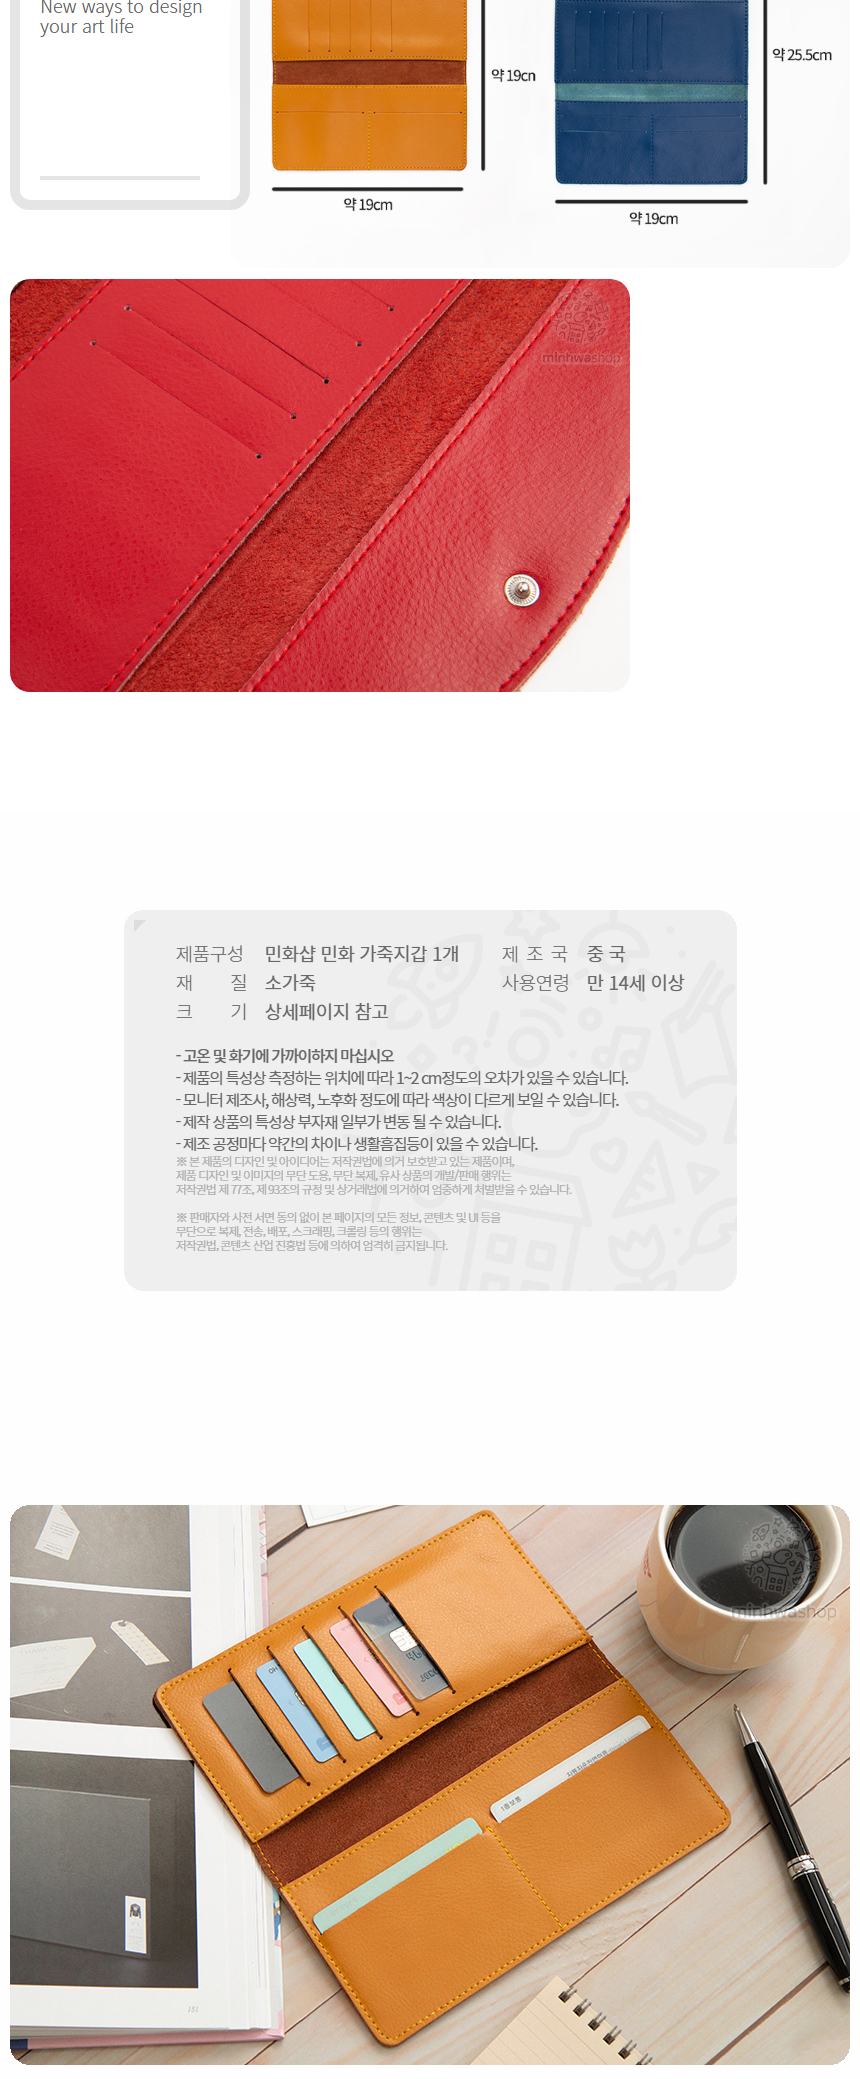 천연 민화 가죽지갑 만들기 - 민화샵, 18,000원, 가죽공예, 가죽공예 패키지